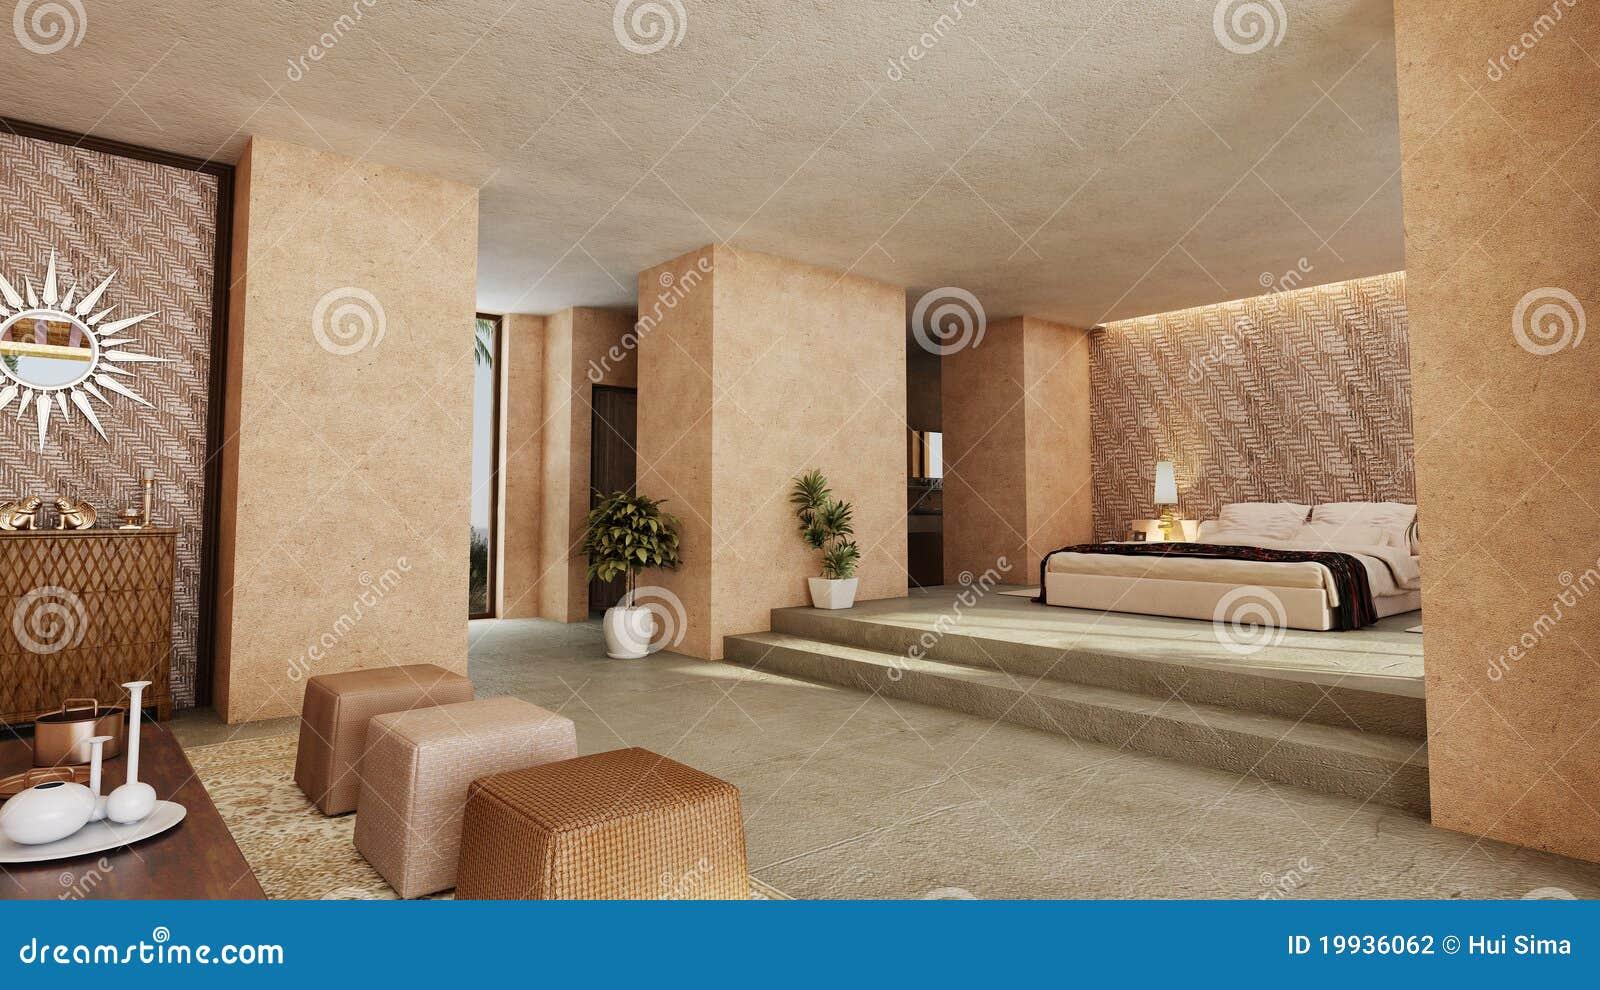 Schlafzimmer Der Arabischen Art Stock Abbildung - Illustration von ...